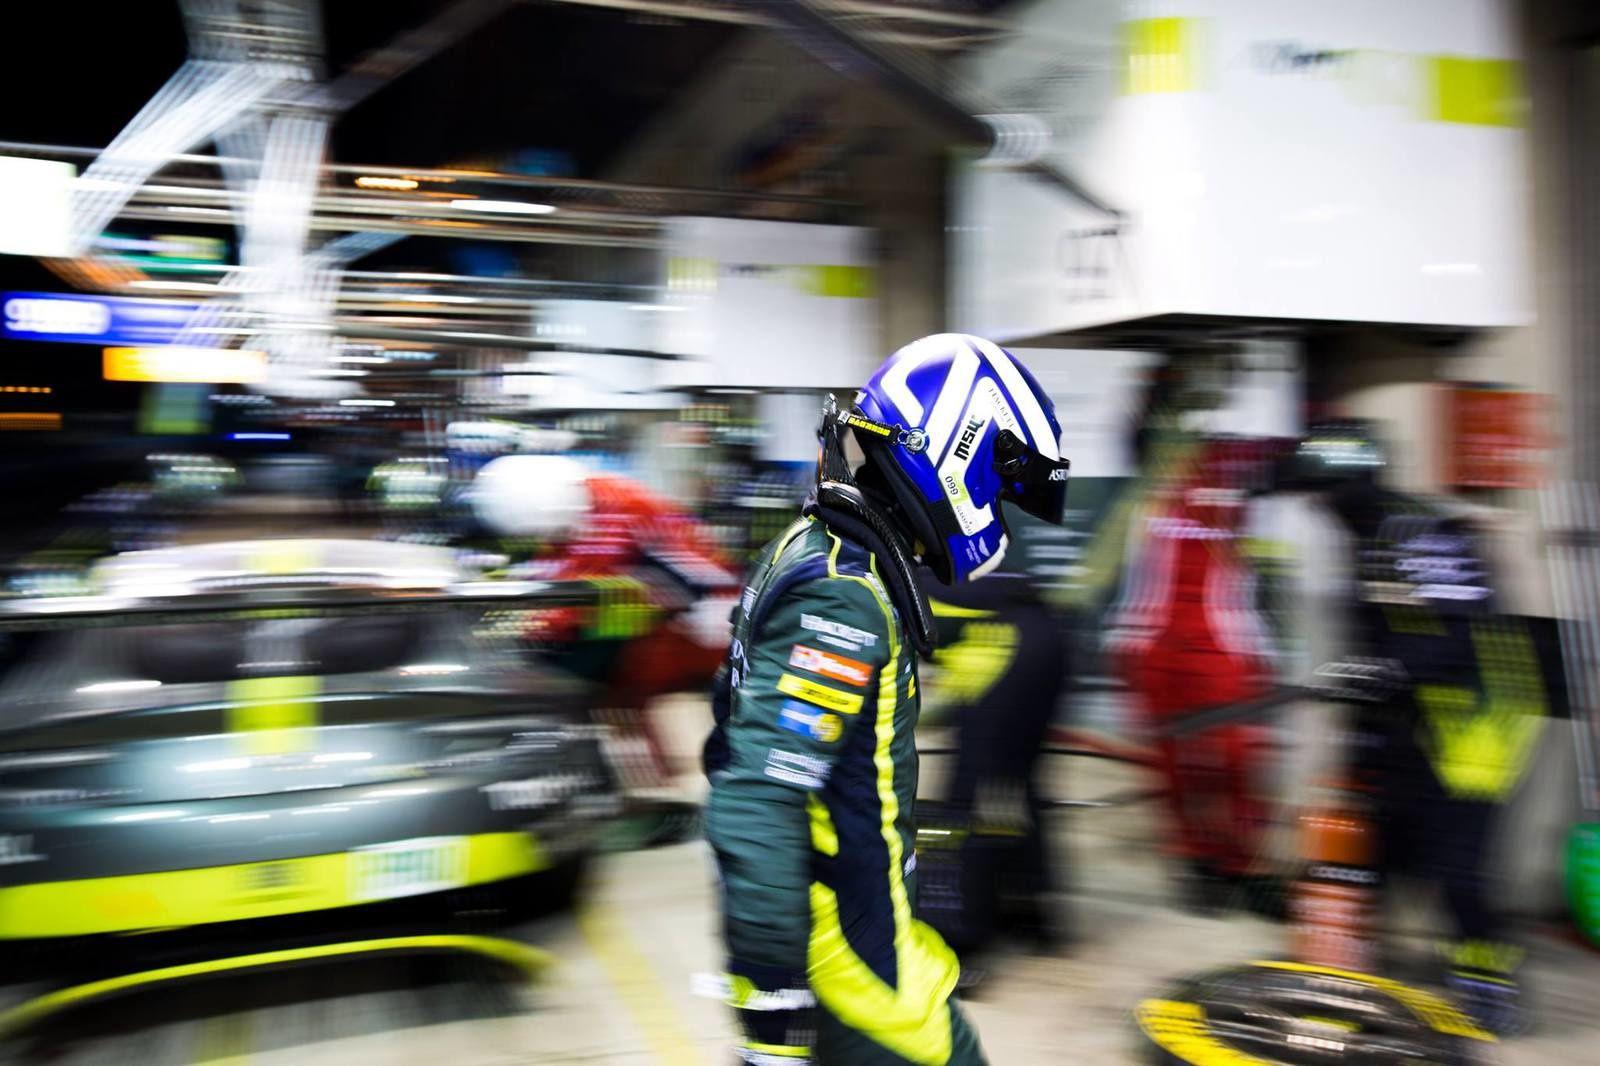 Victoire Aston Martin Racing aux 24 Heures du Mans LM GTE PRO !